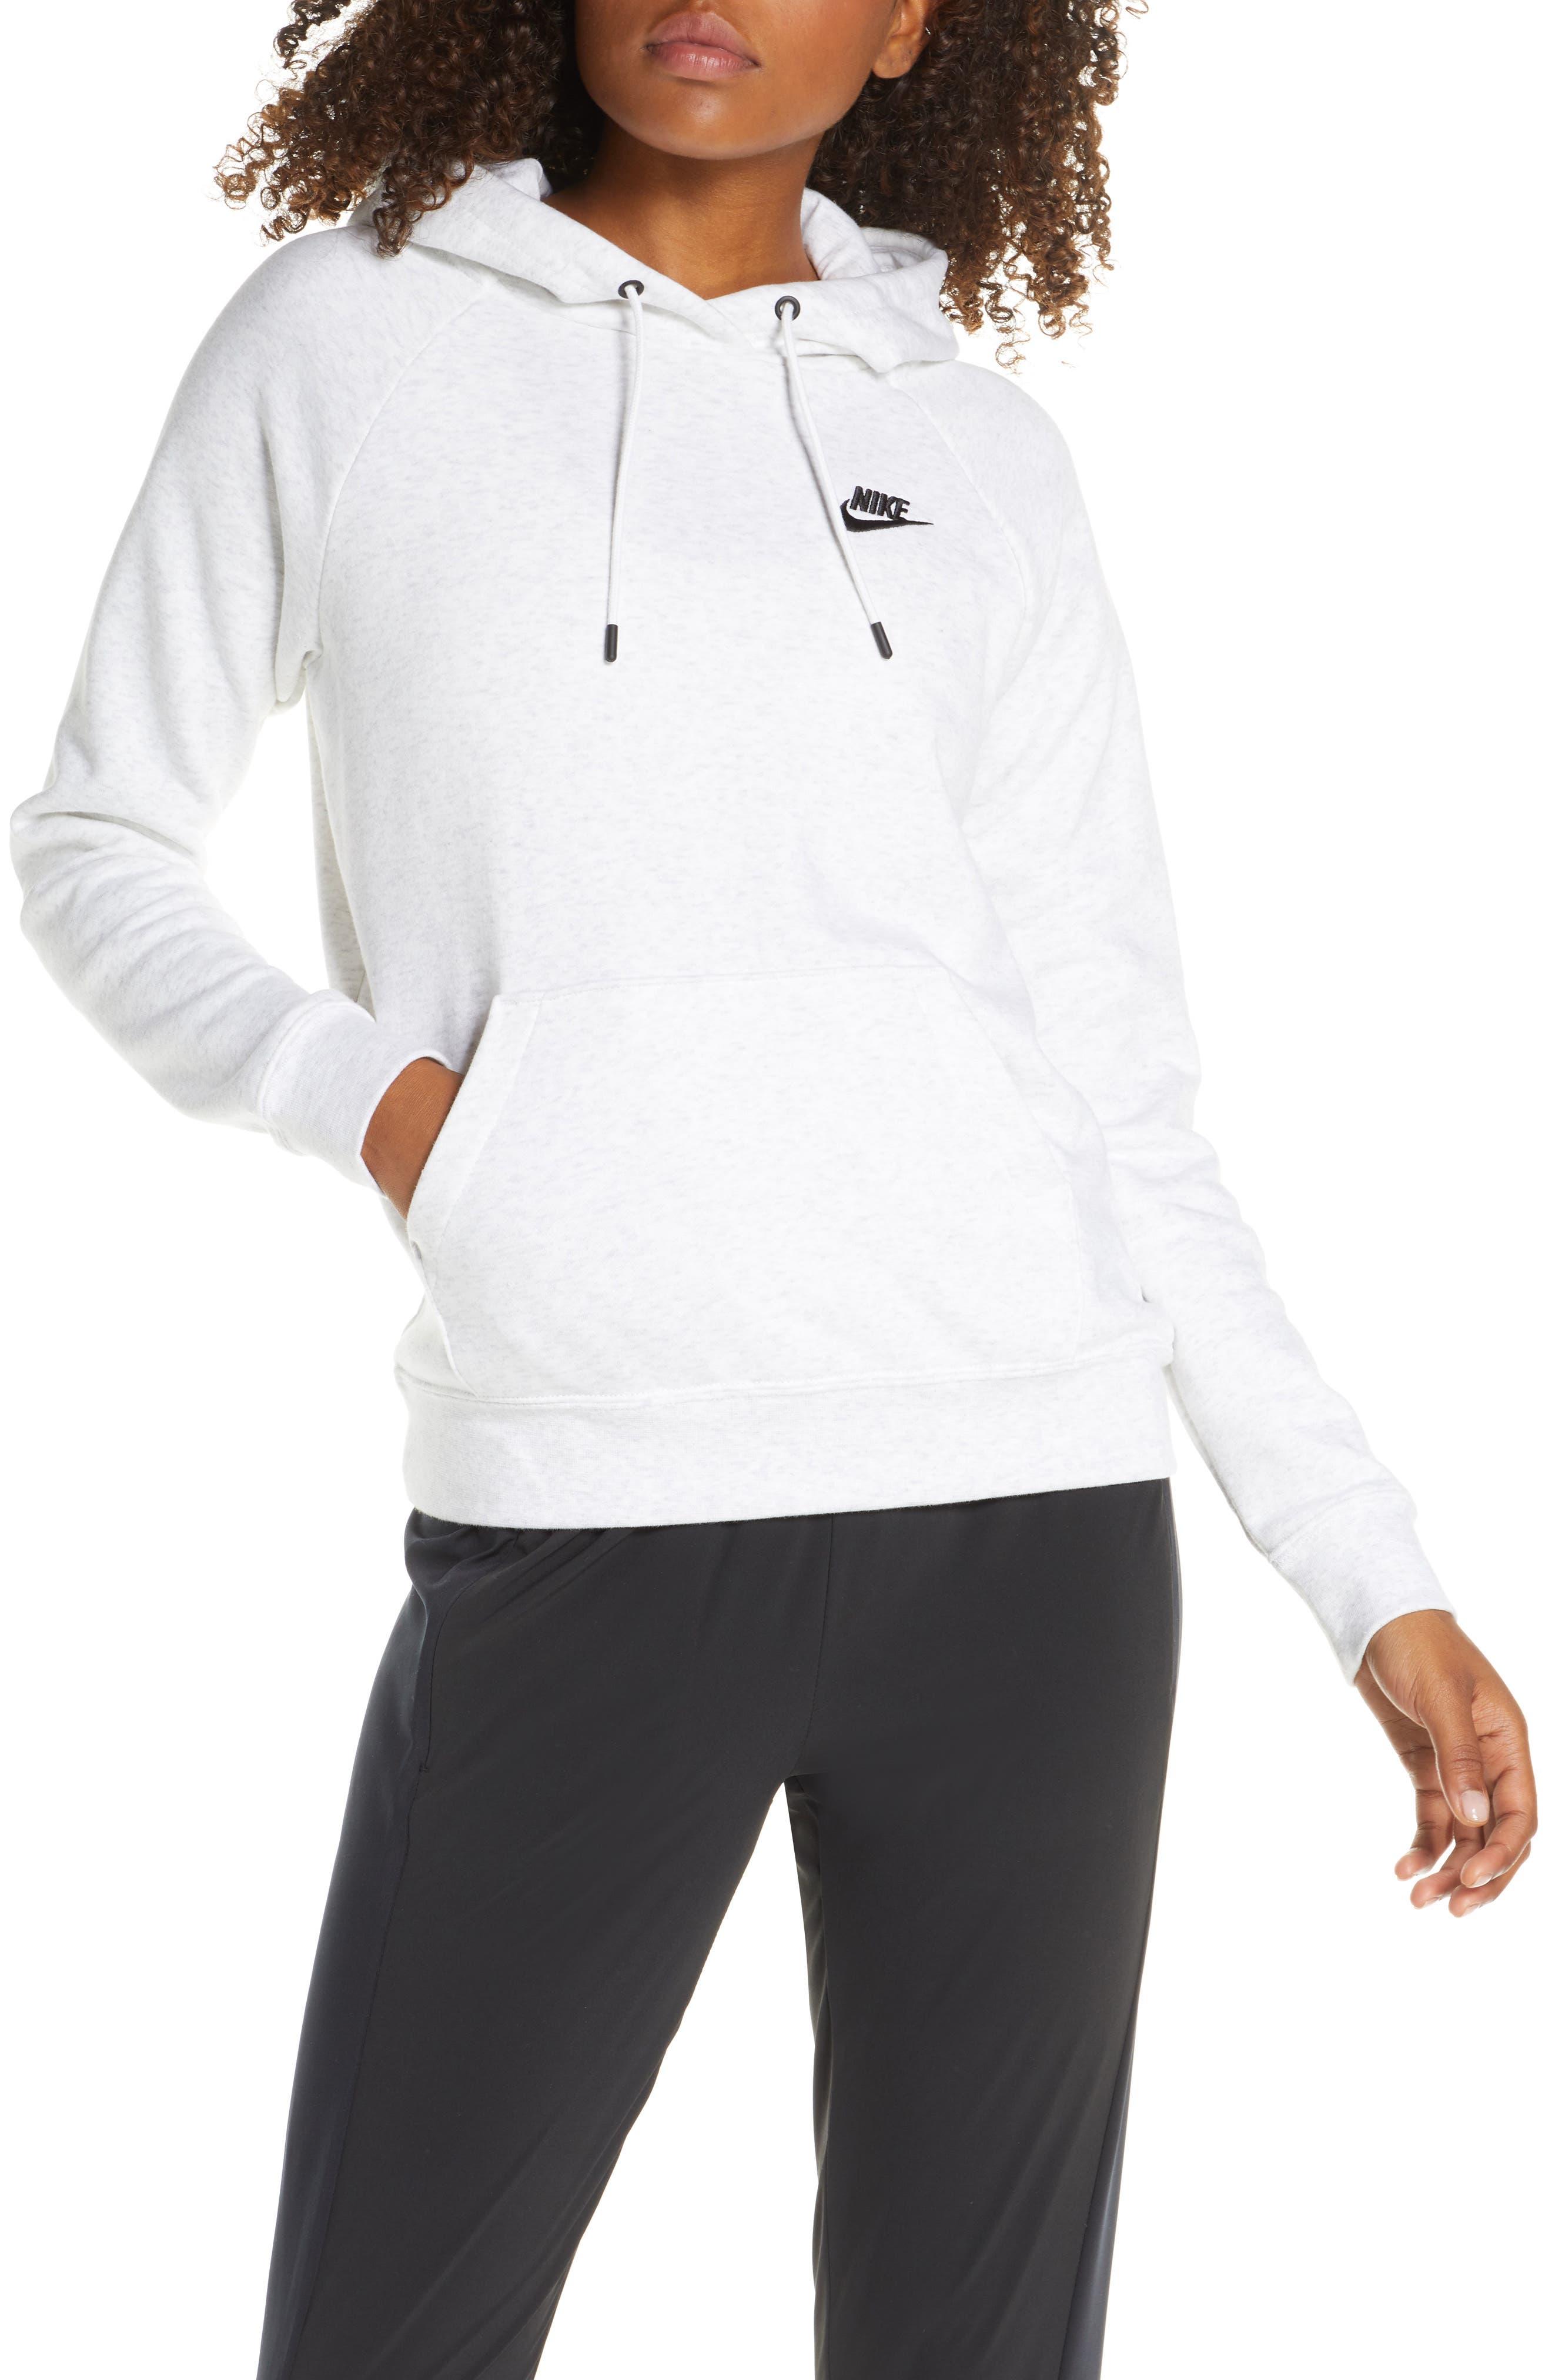 Nike Sportswear Essential Pullover Fleece Hoodie (Regular Retail Price: $60)